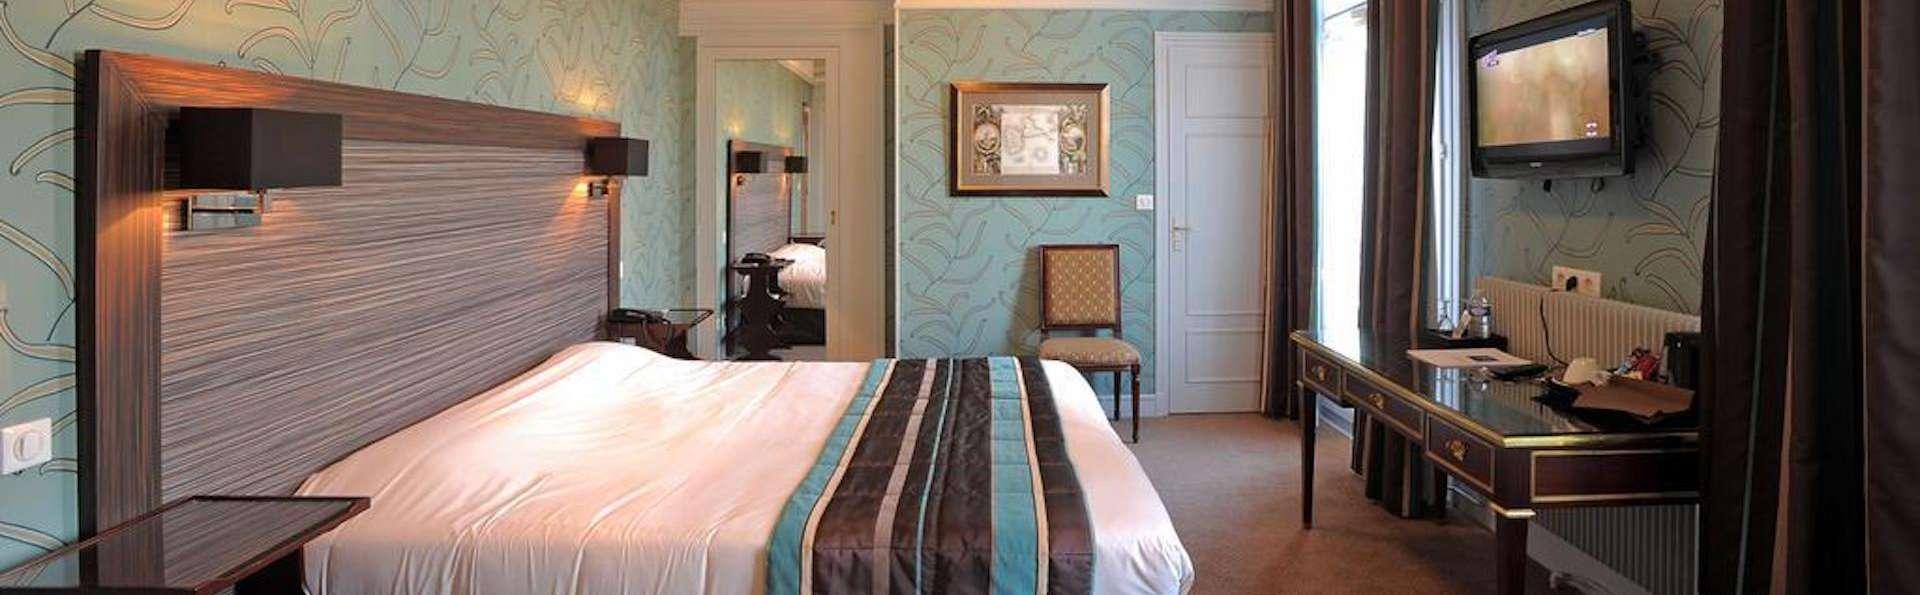 Le Grand Hôtel de Tours - SUPERIEURE_-_copie.jpg